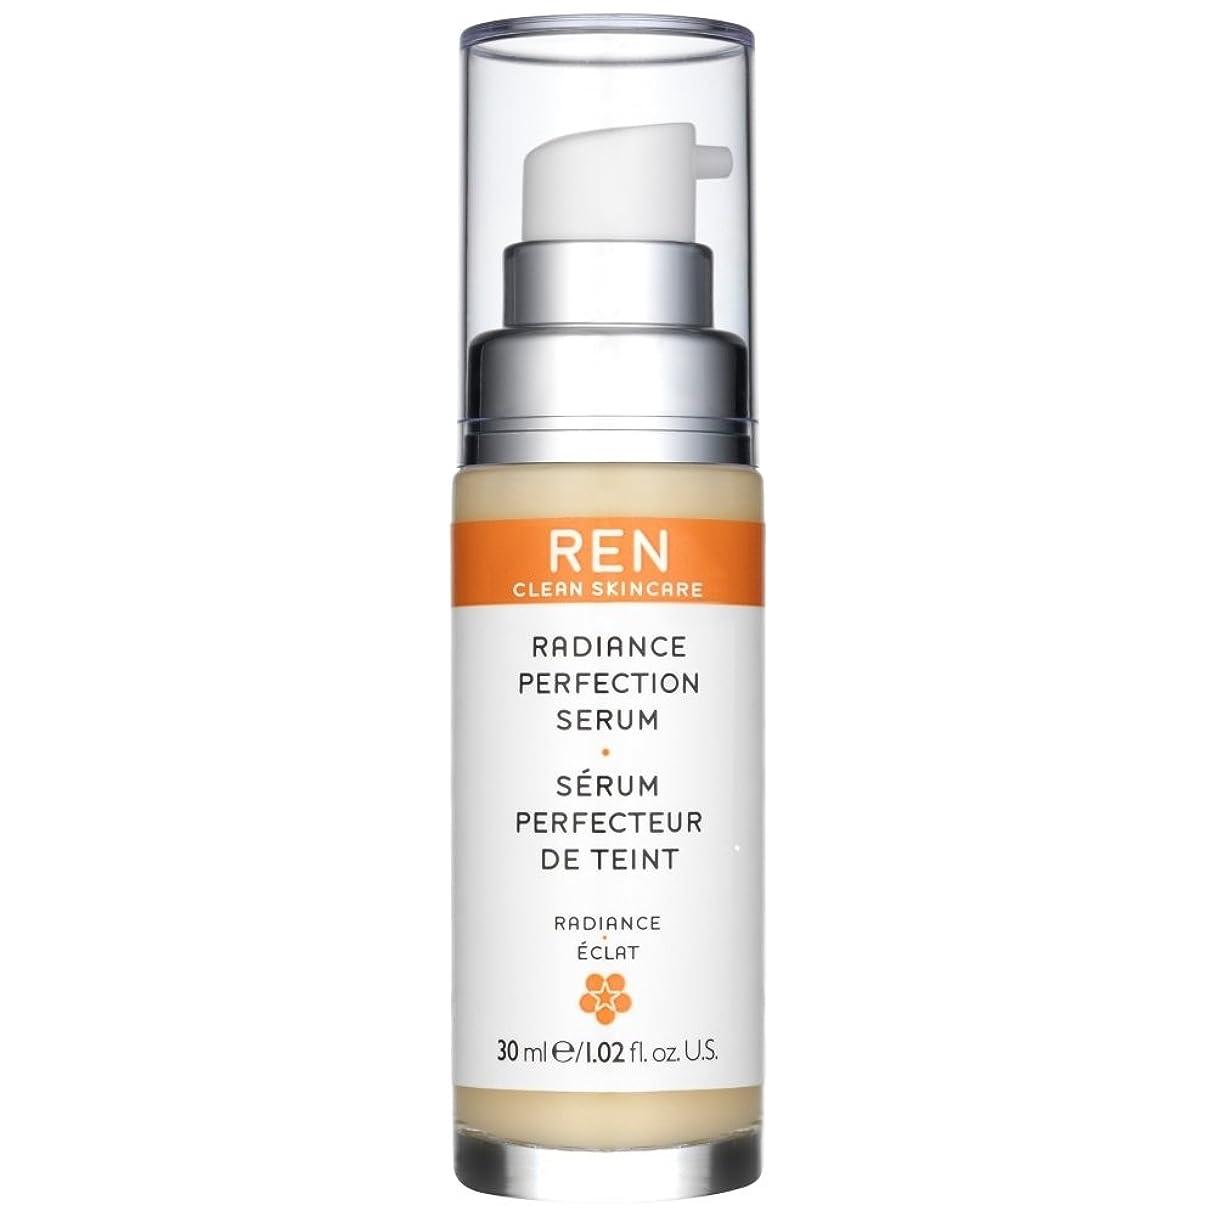 温度聖職者スコットランド人Ren輝き完成血清30ミリリットル (REN) (x6) - REN Radiance Perfecting Serum 30ml (Pack of 6) [並行輸入品]